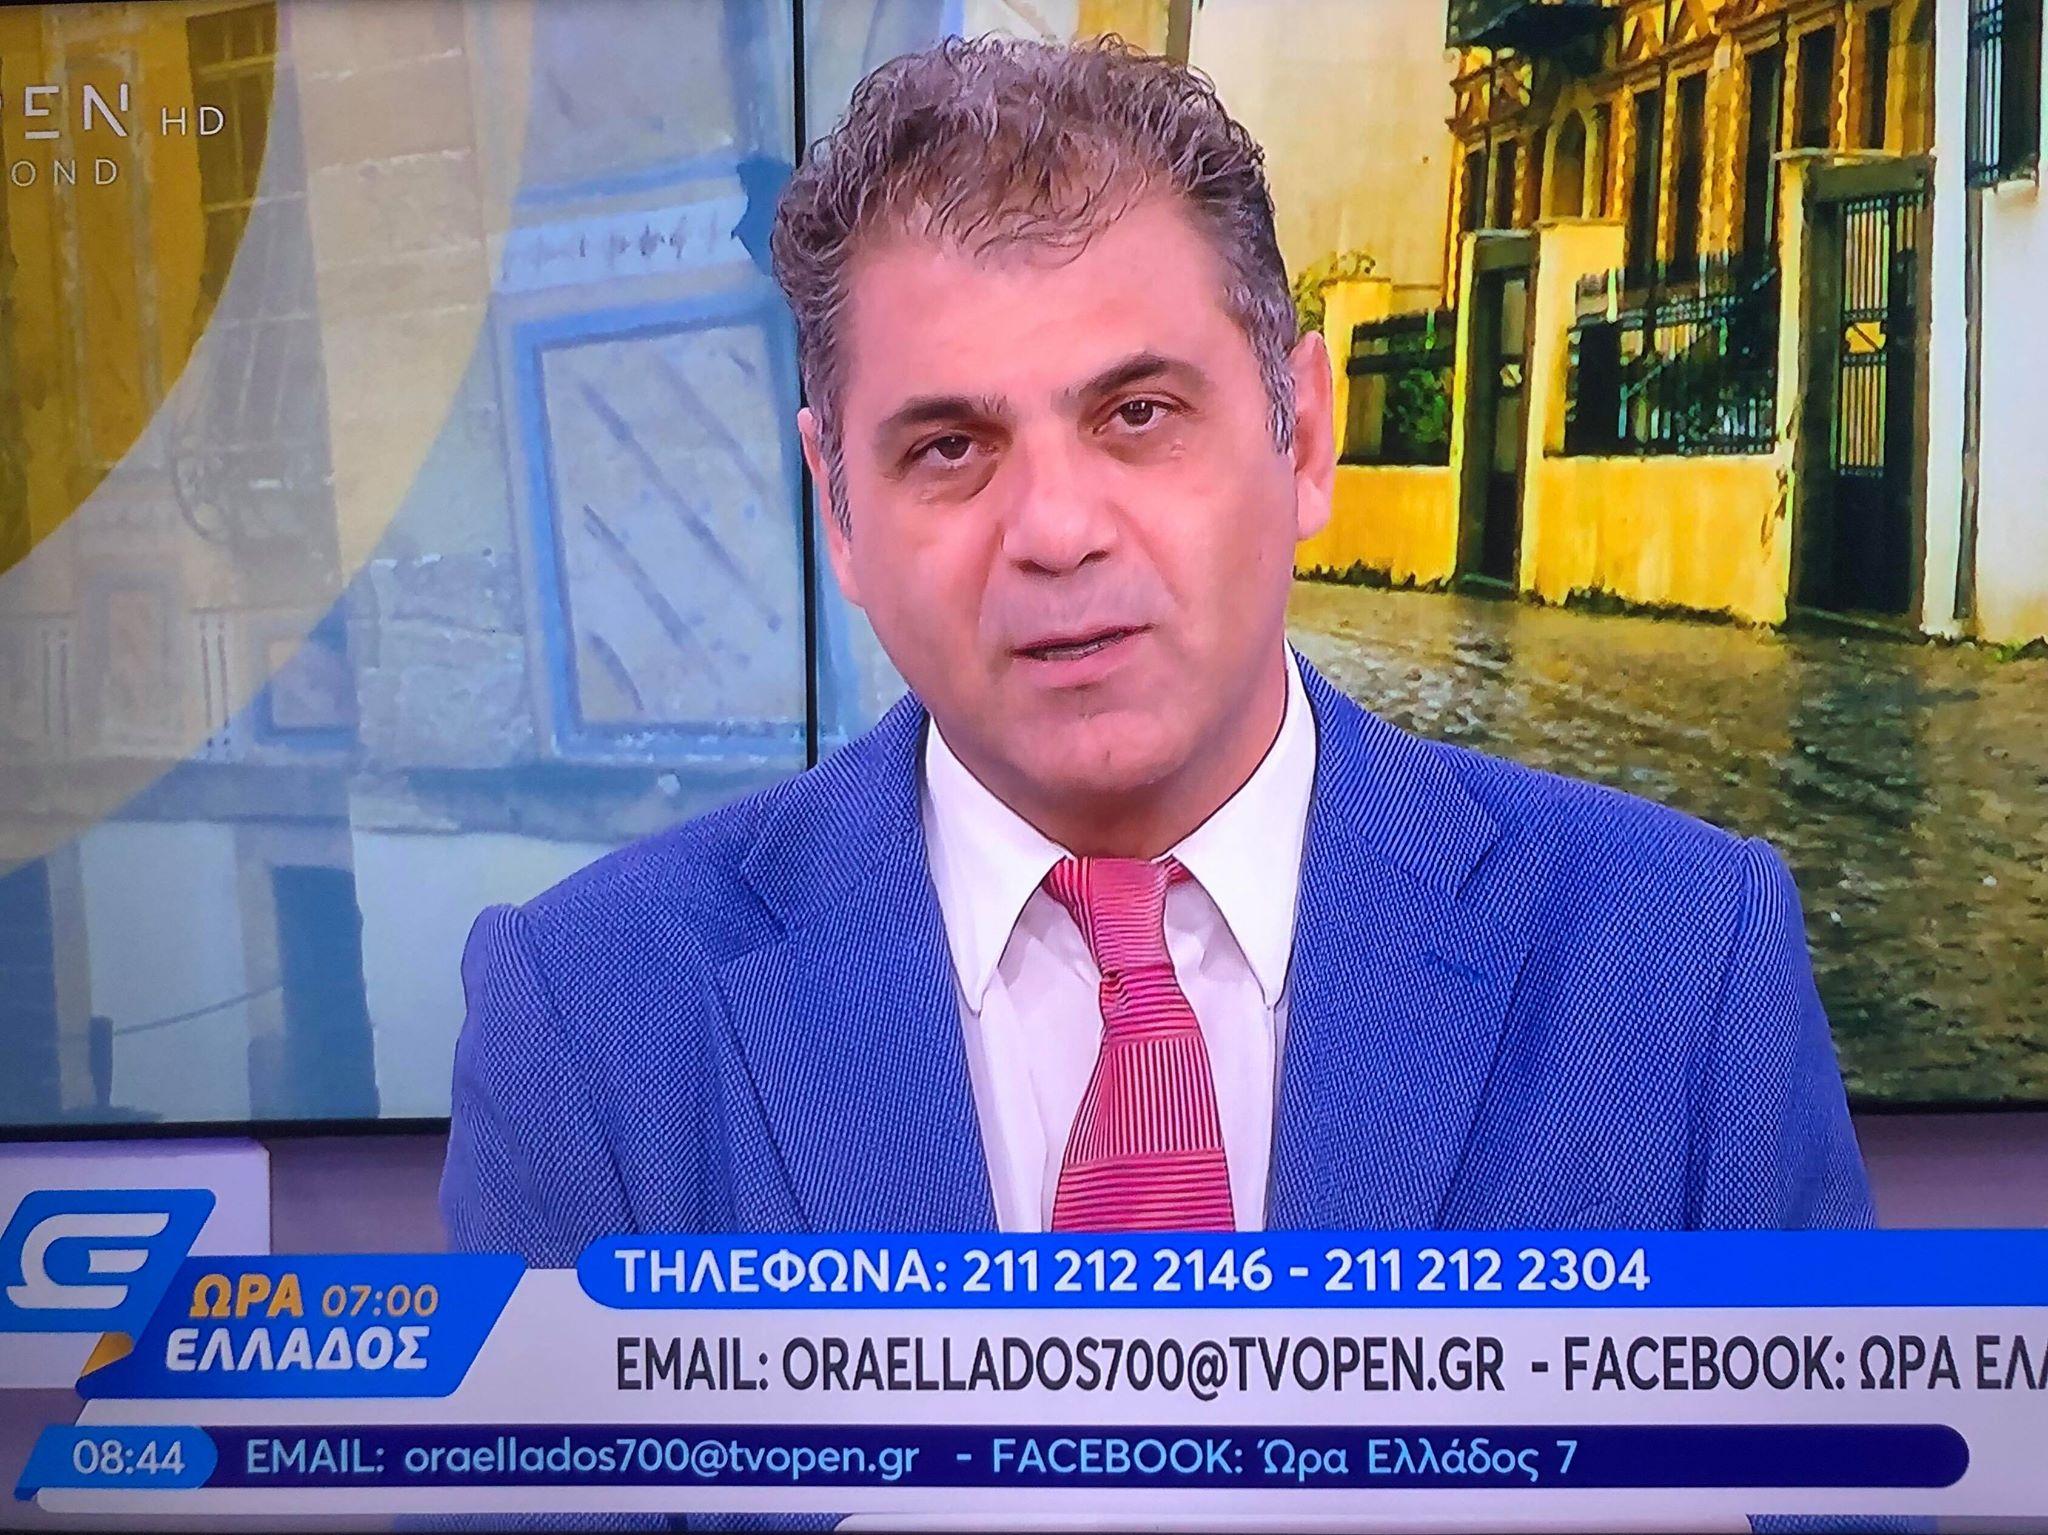 Δ. Βενιέρης στο Open: Ο κ. Τσίπρας θα έπρεπε να μιλήσει για τις εξελίξεις στην Κυπριακή ΑΟΖ και με τους αρχηγούς των κομμάτων και όχι να κάνει επικοινωνιακή διαχείριση